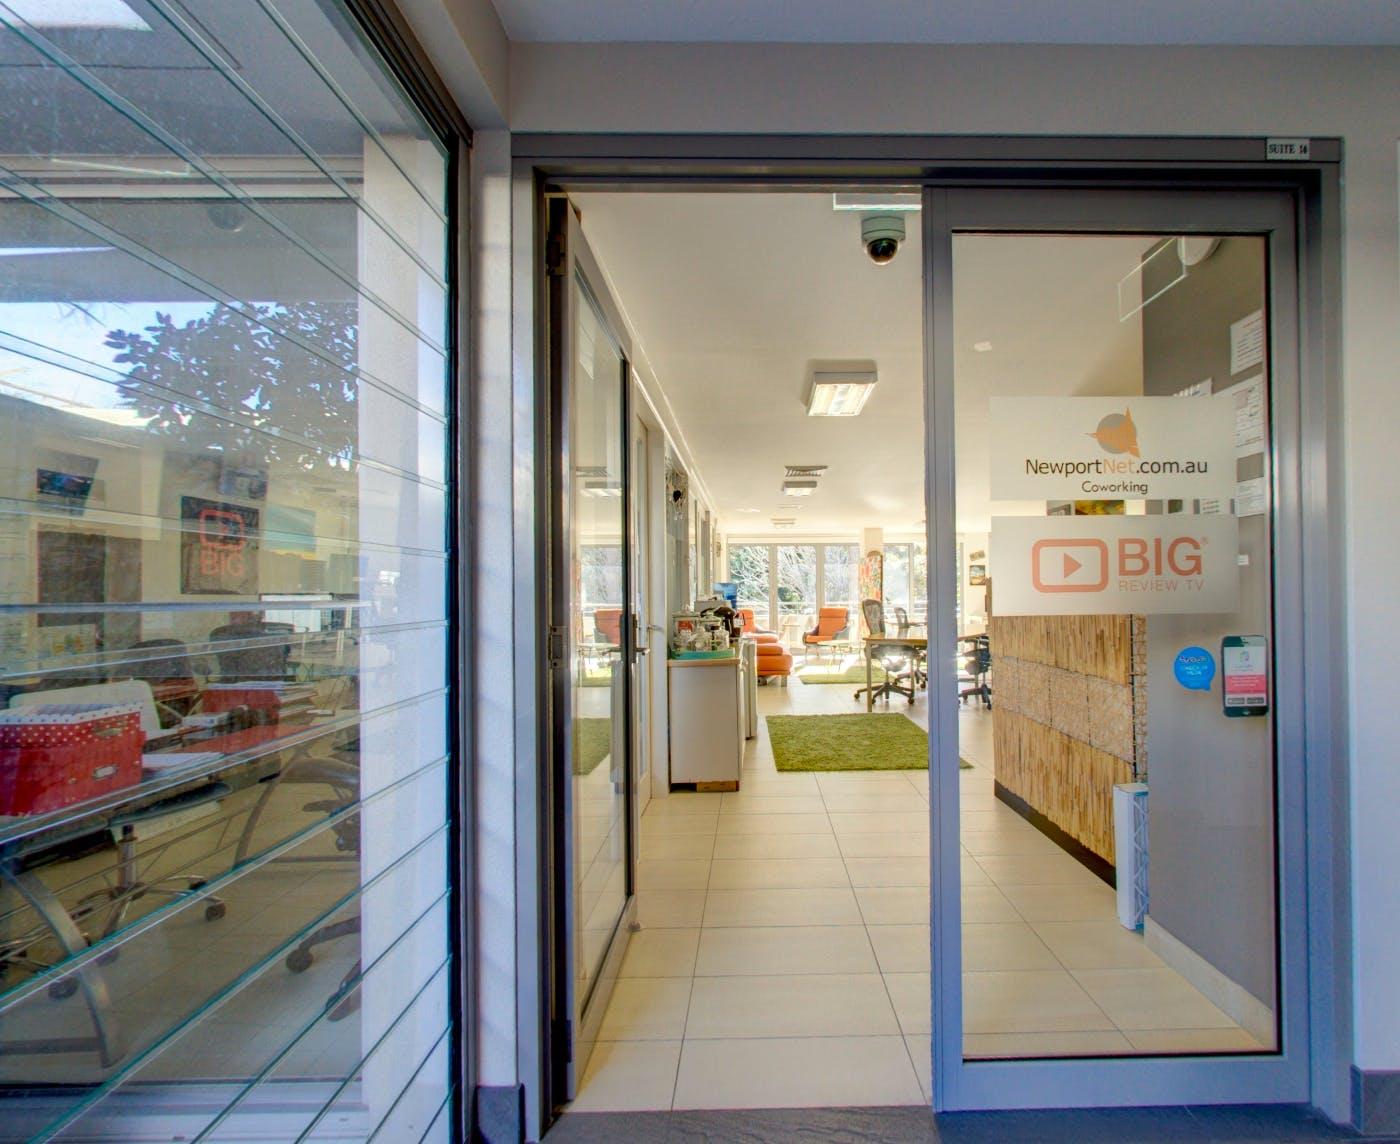 Hot desk at Newport Net, image 2